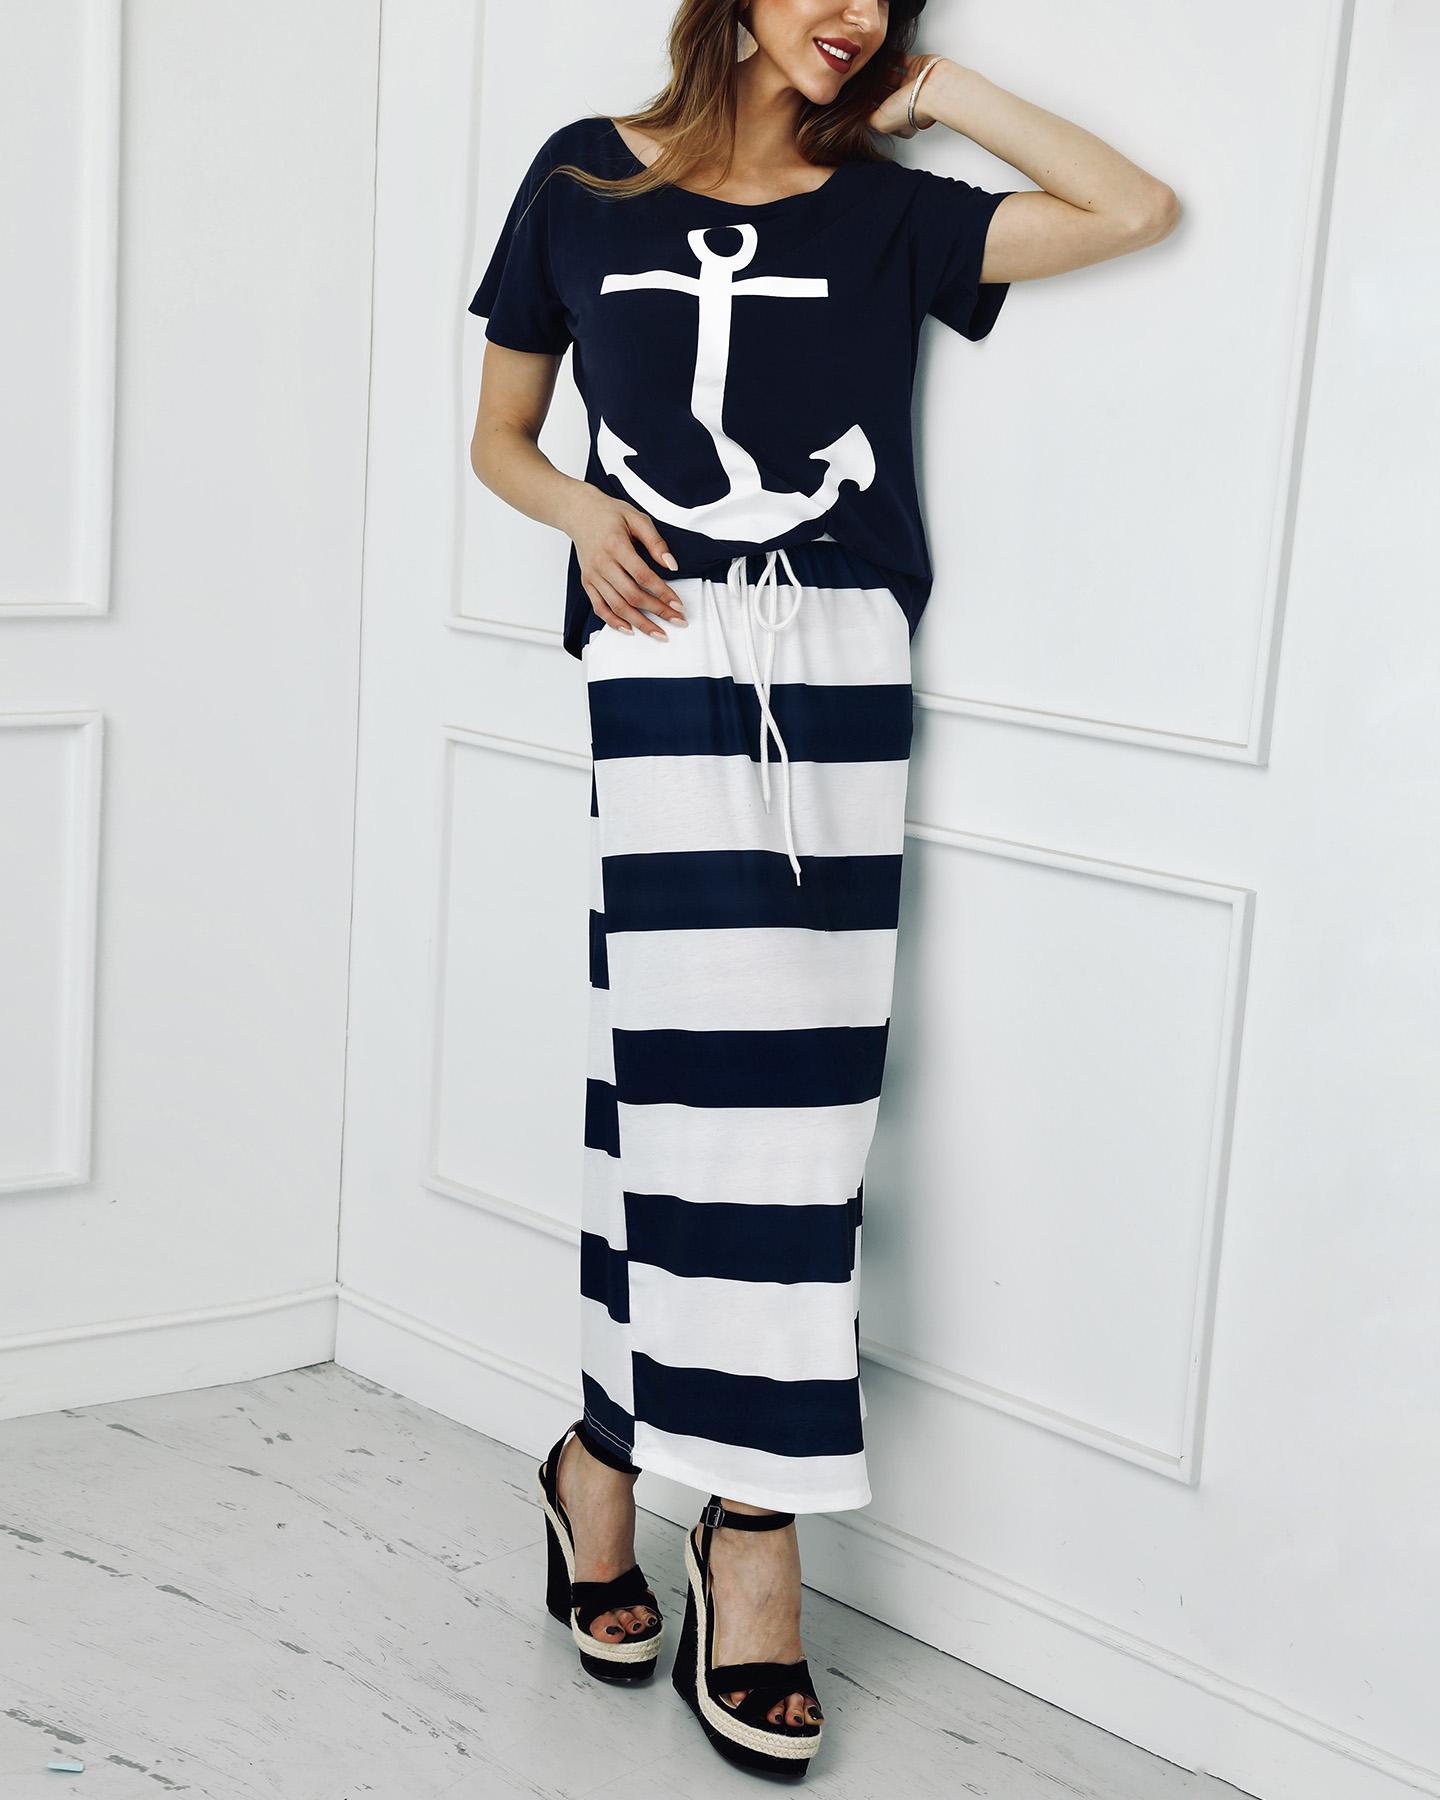 chicme / Conjunto de camiseta con estampado de ancla de barco y falda a rayas